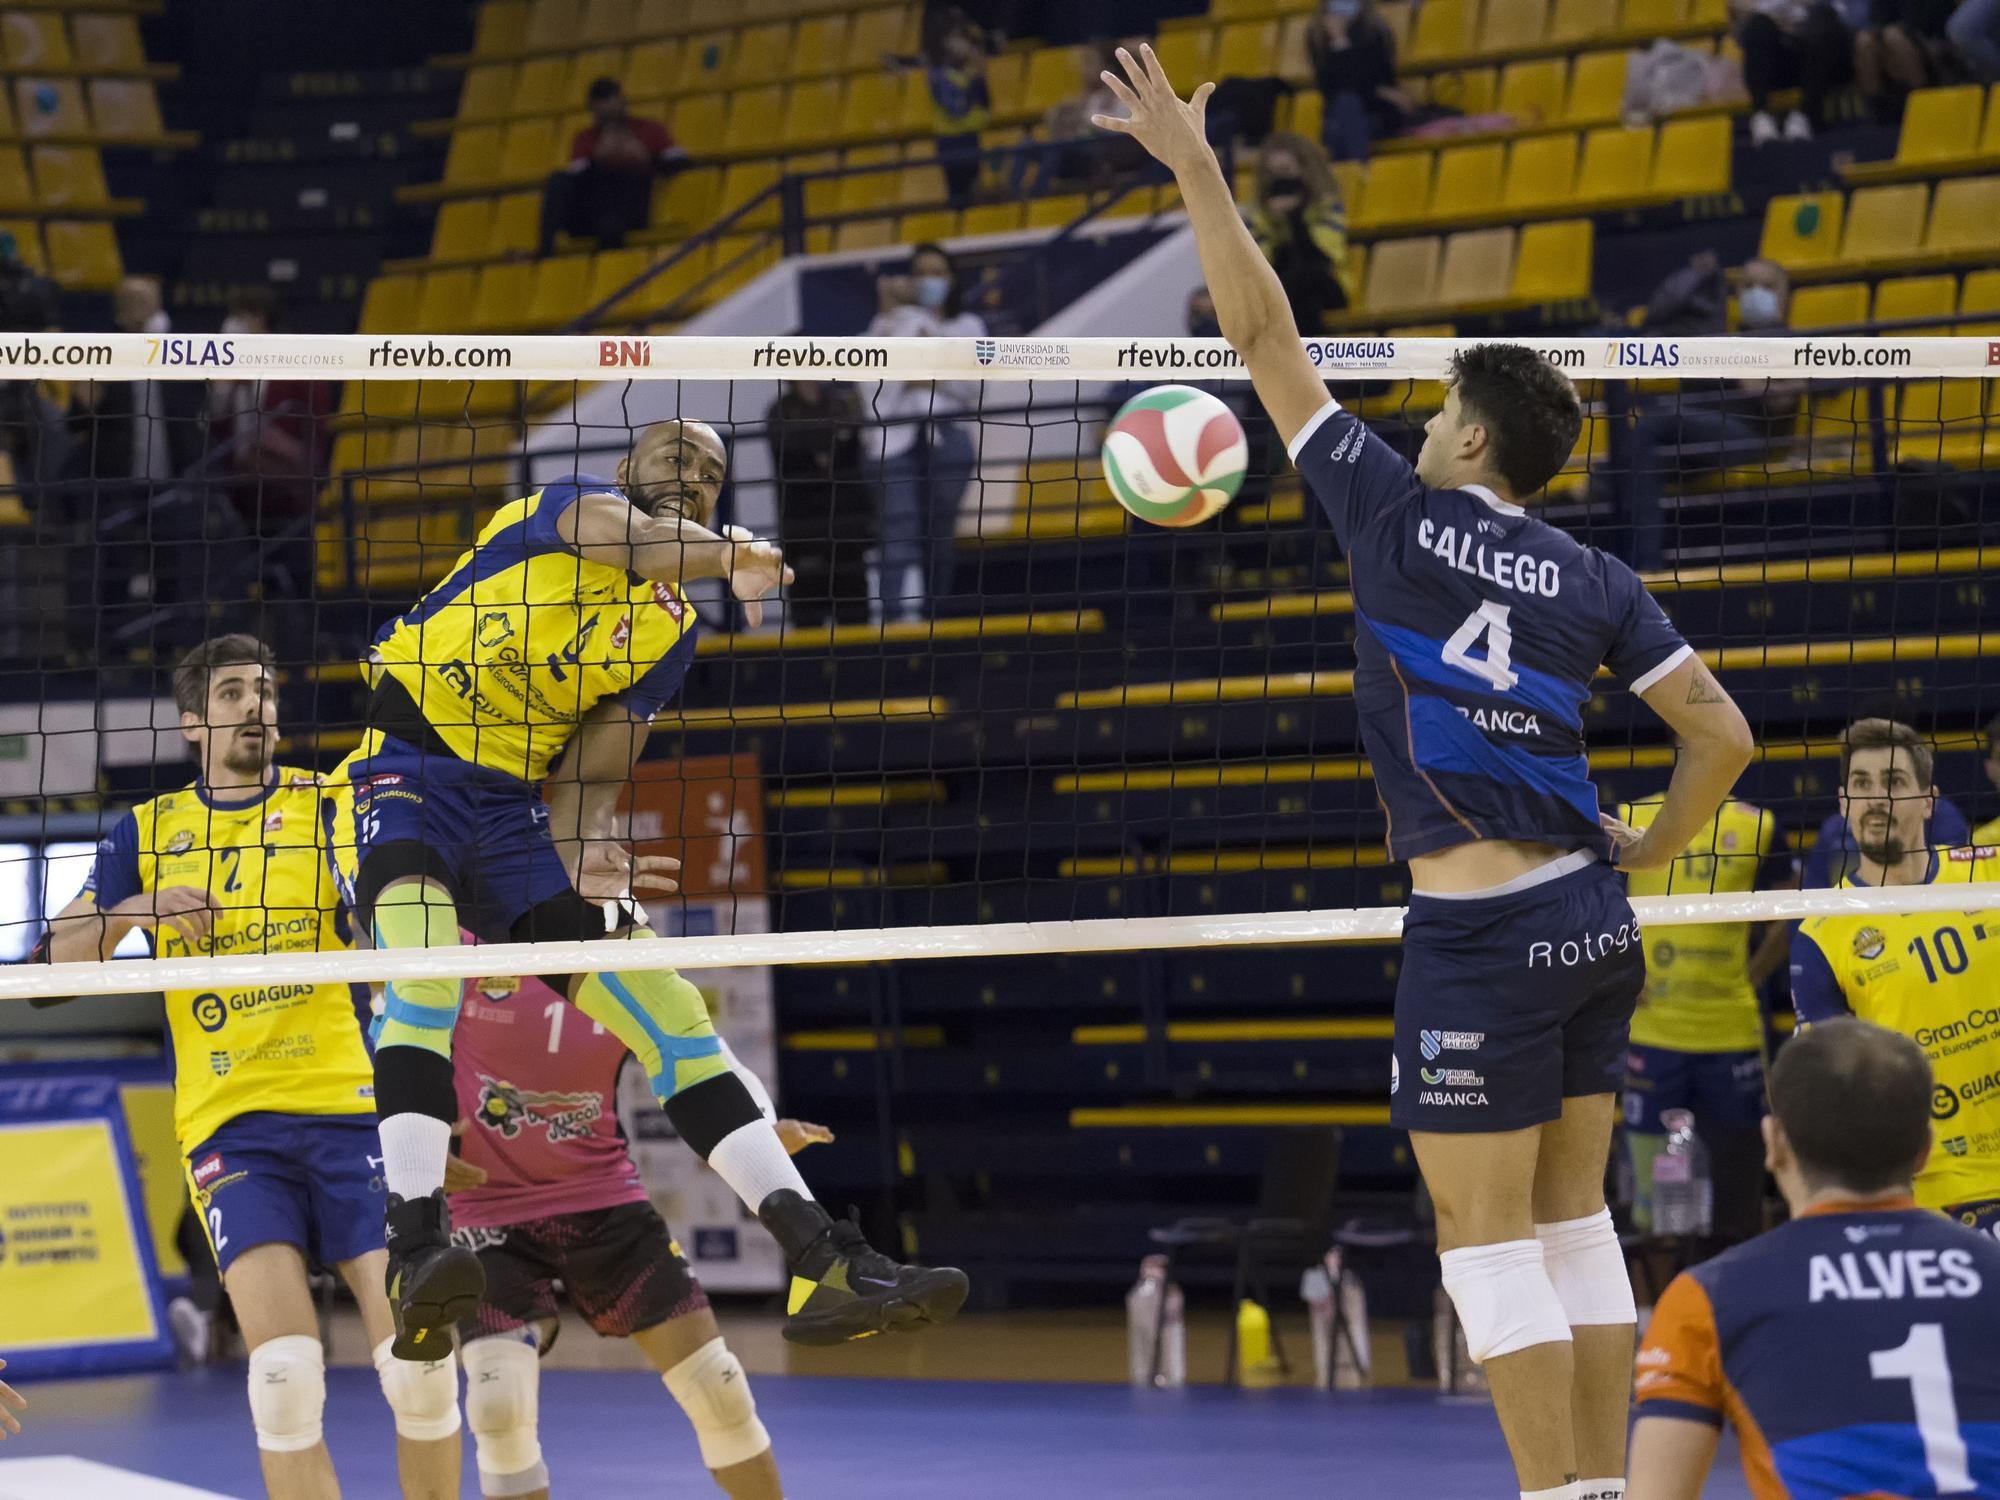 El Guaguas se mete en las semifinales de la Copa del Rey